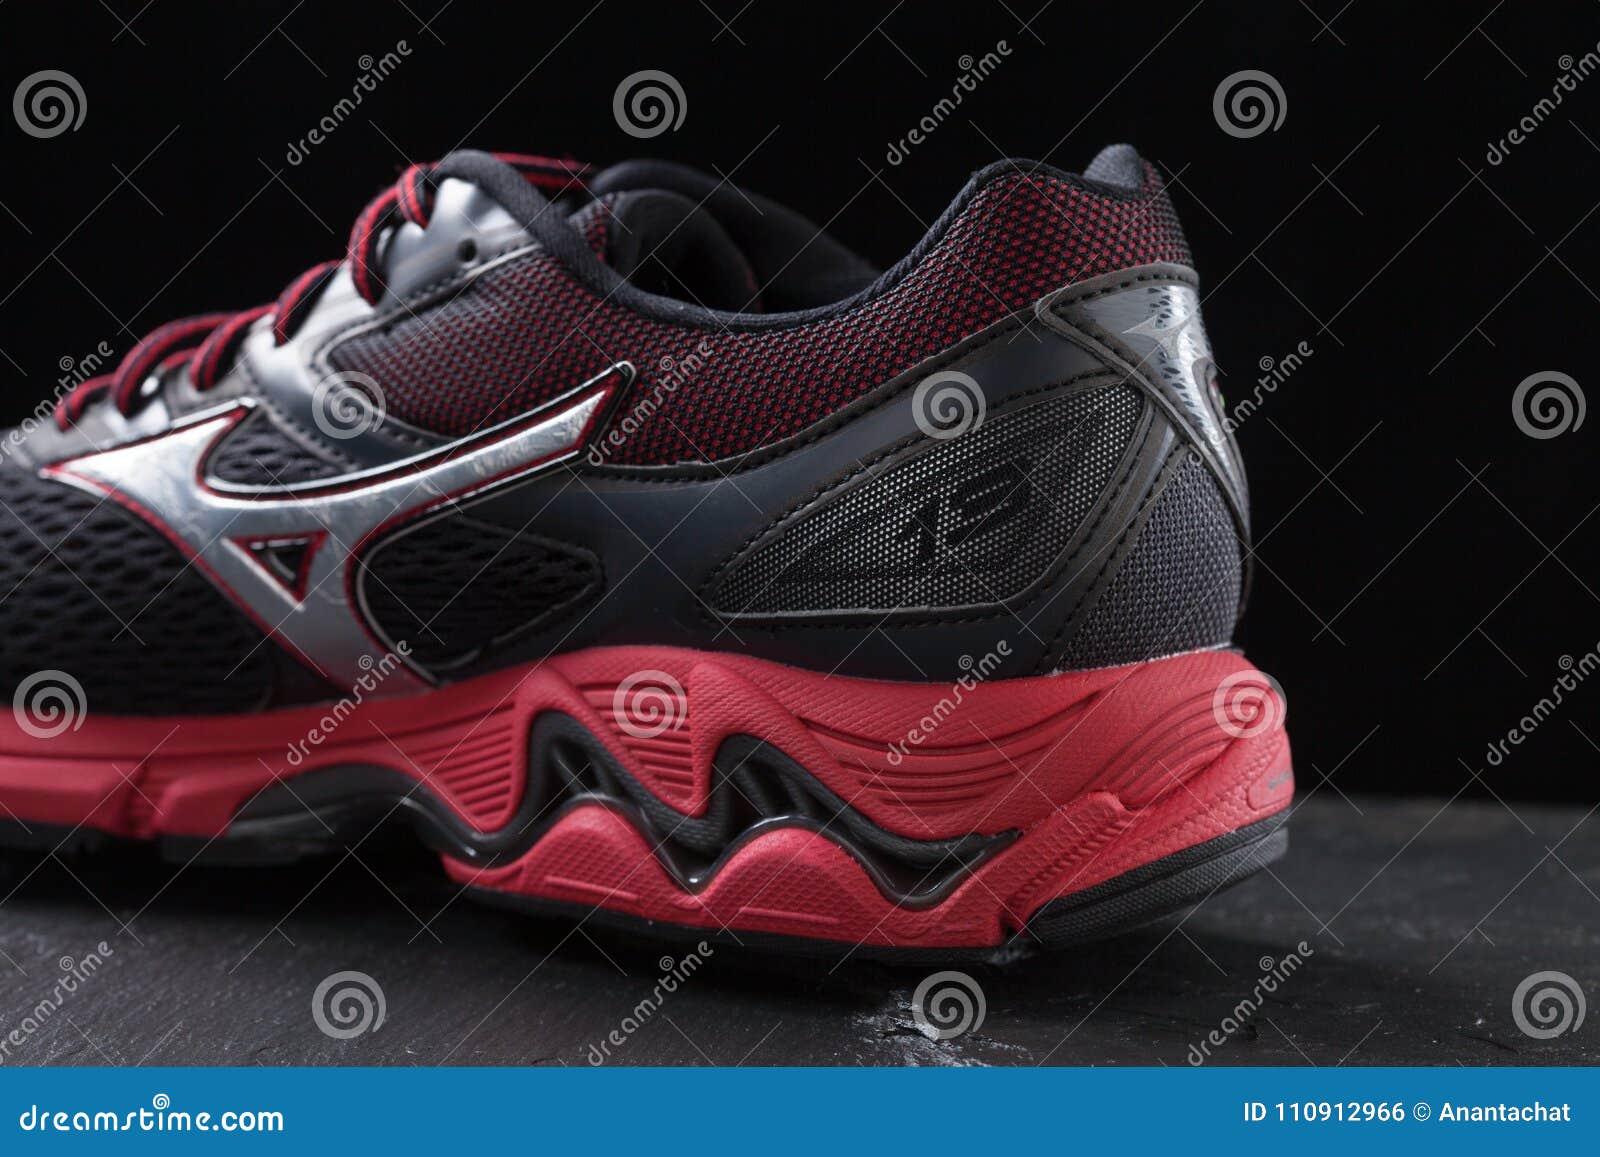 mizuno shoes thailand